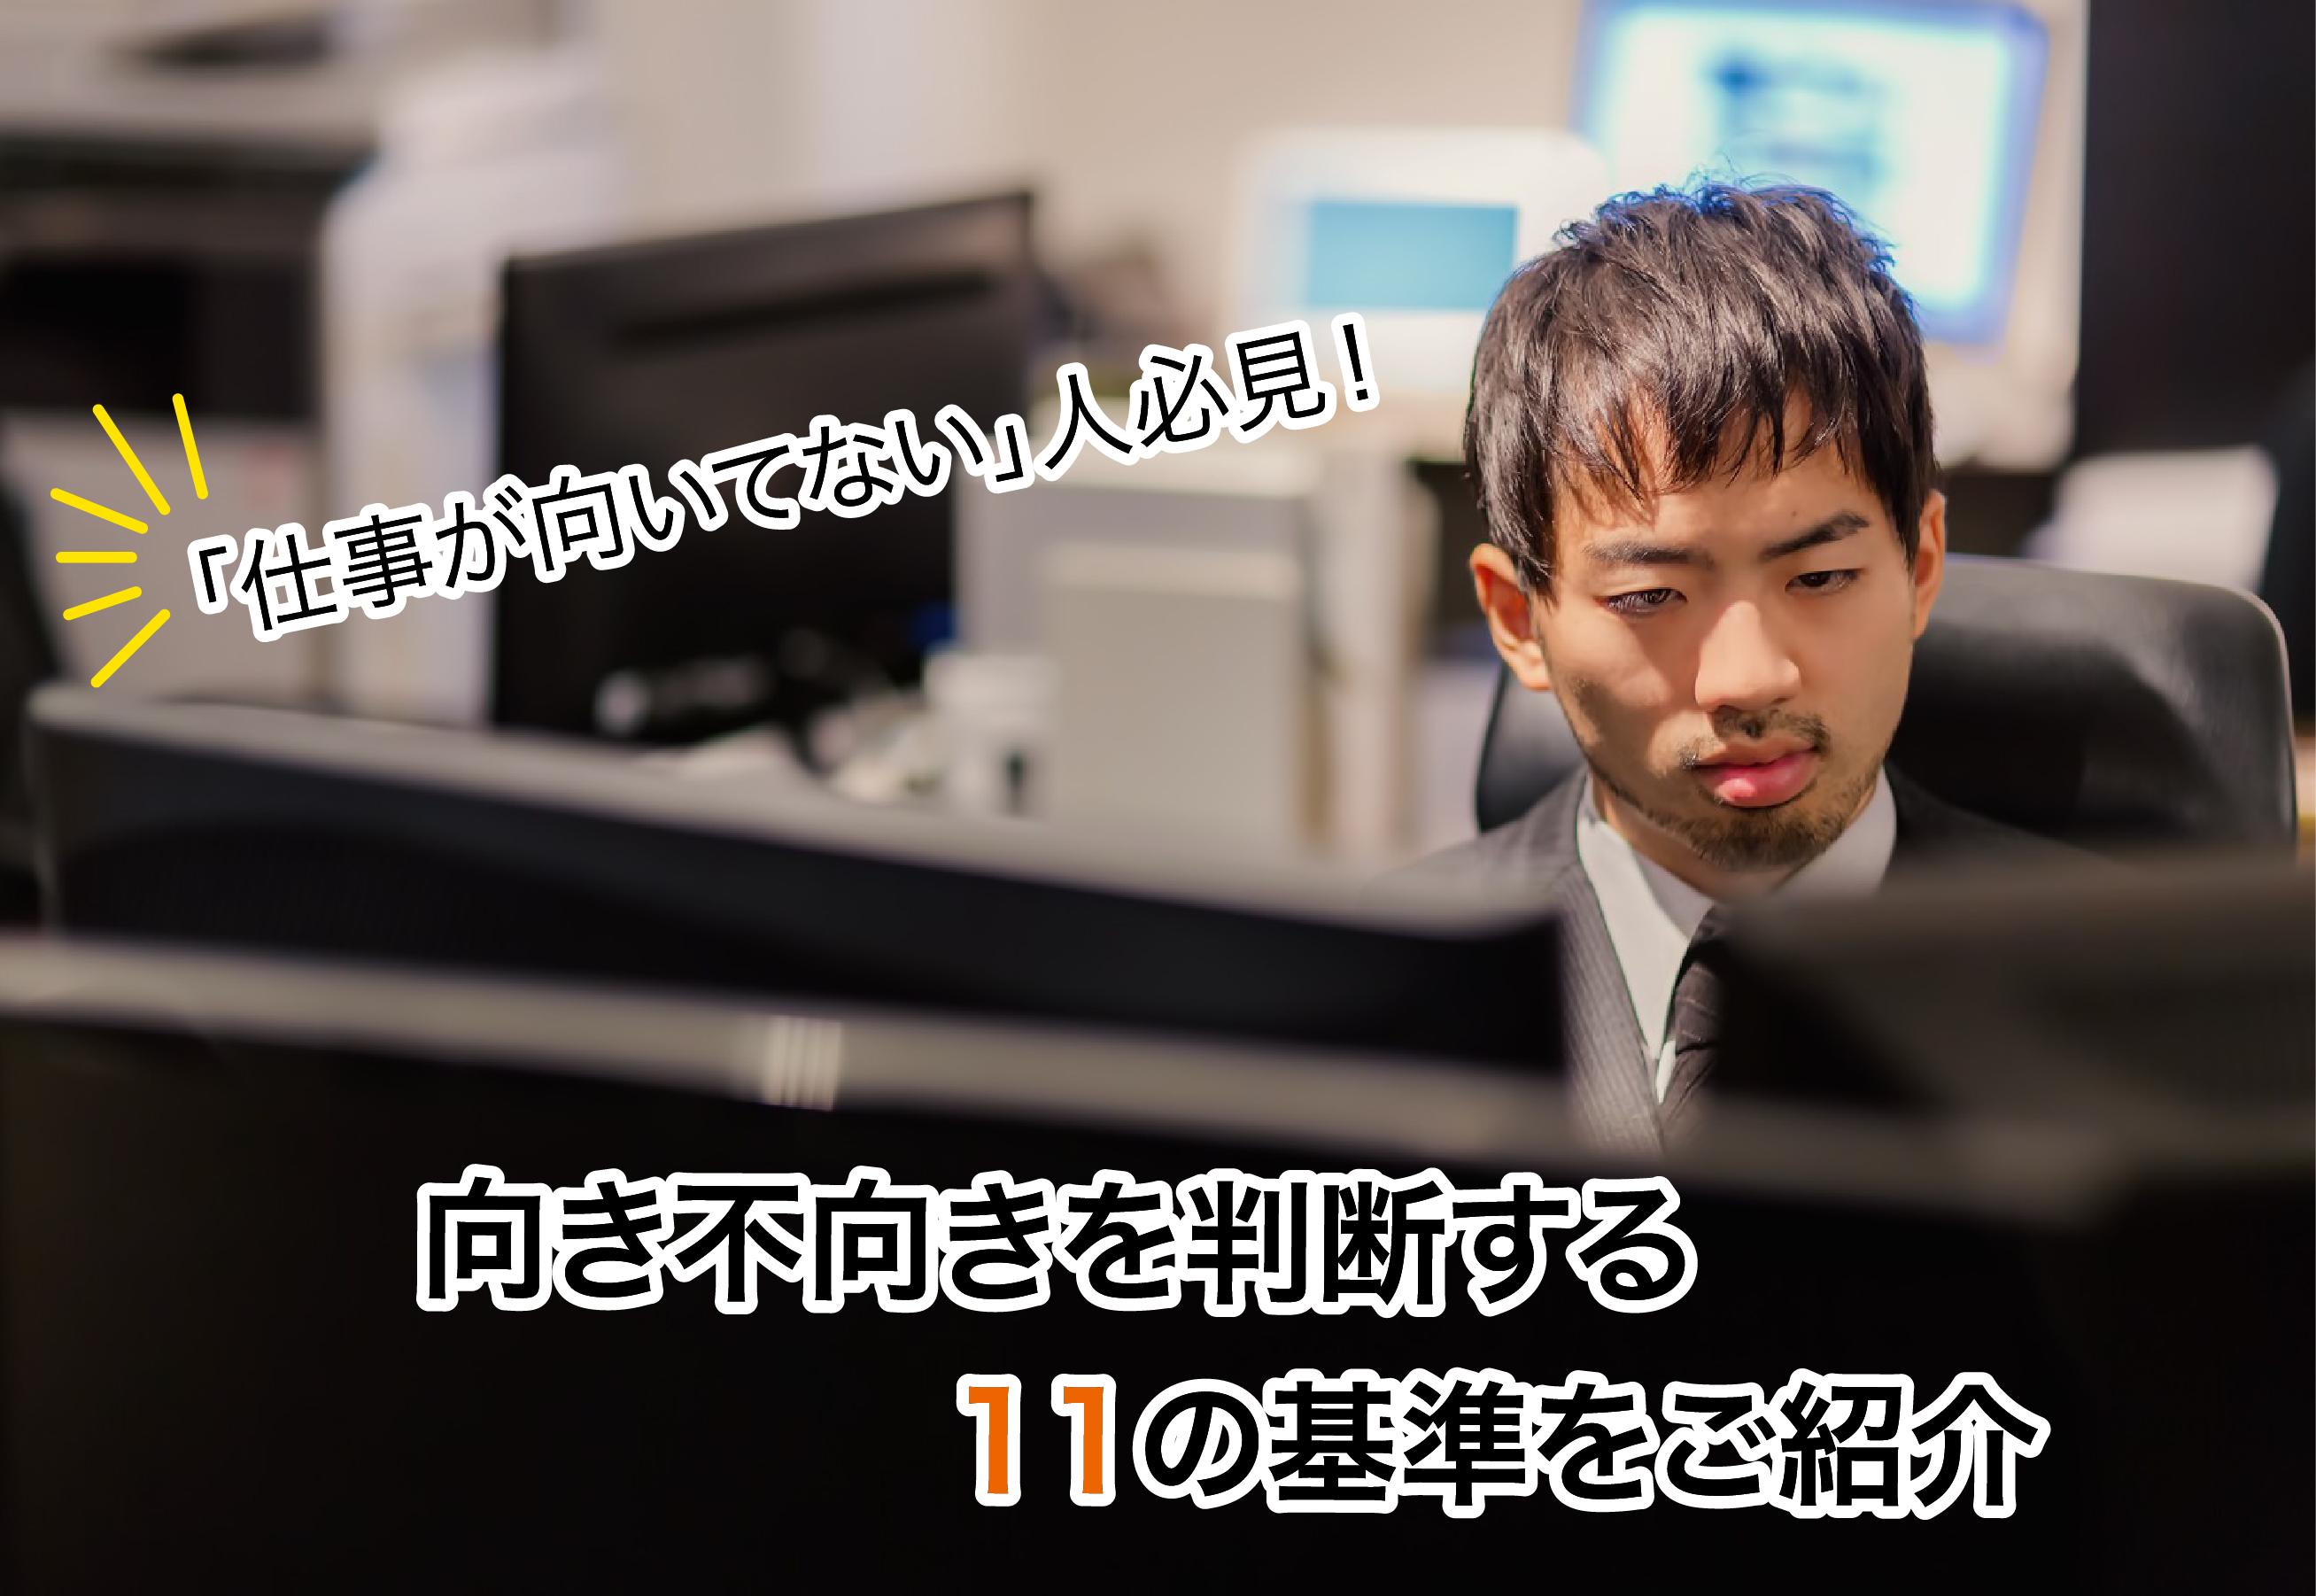 「仕事が向いてない」人必見!向き不向きを判断する11の基準をご紹介